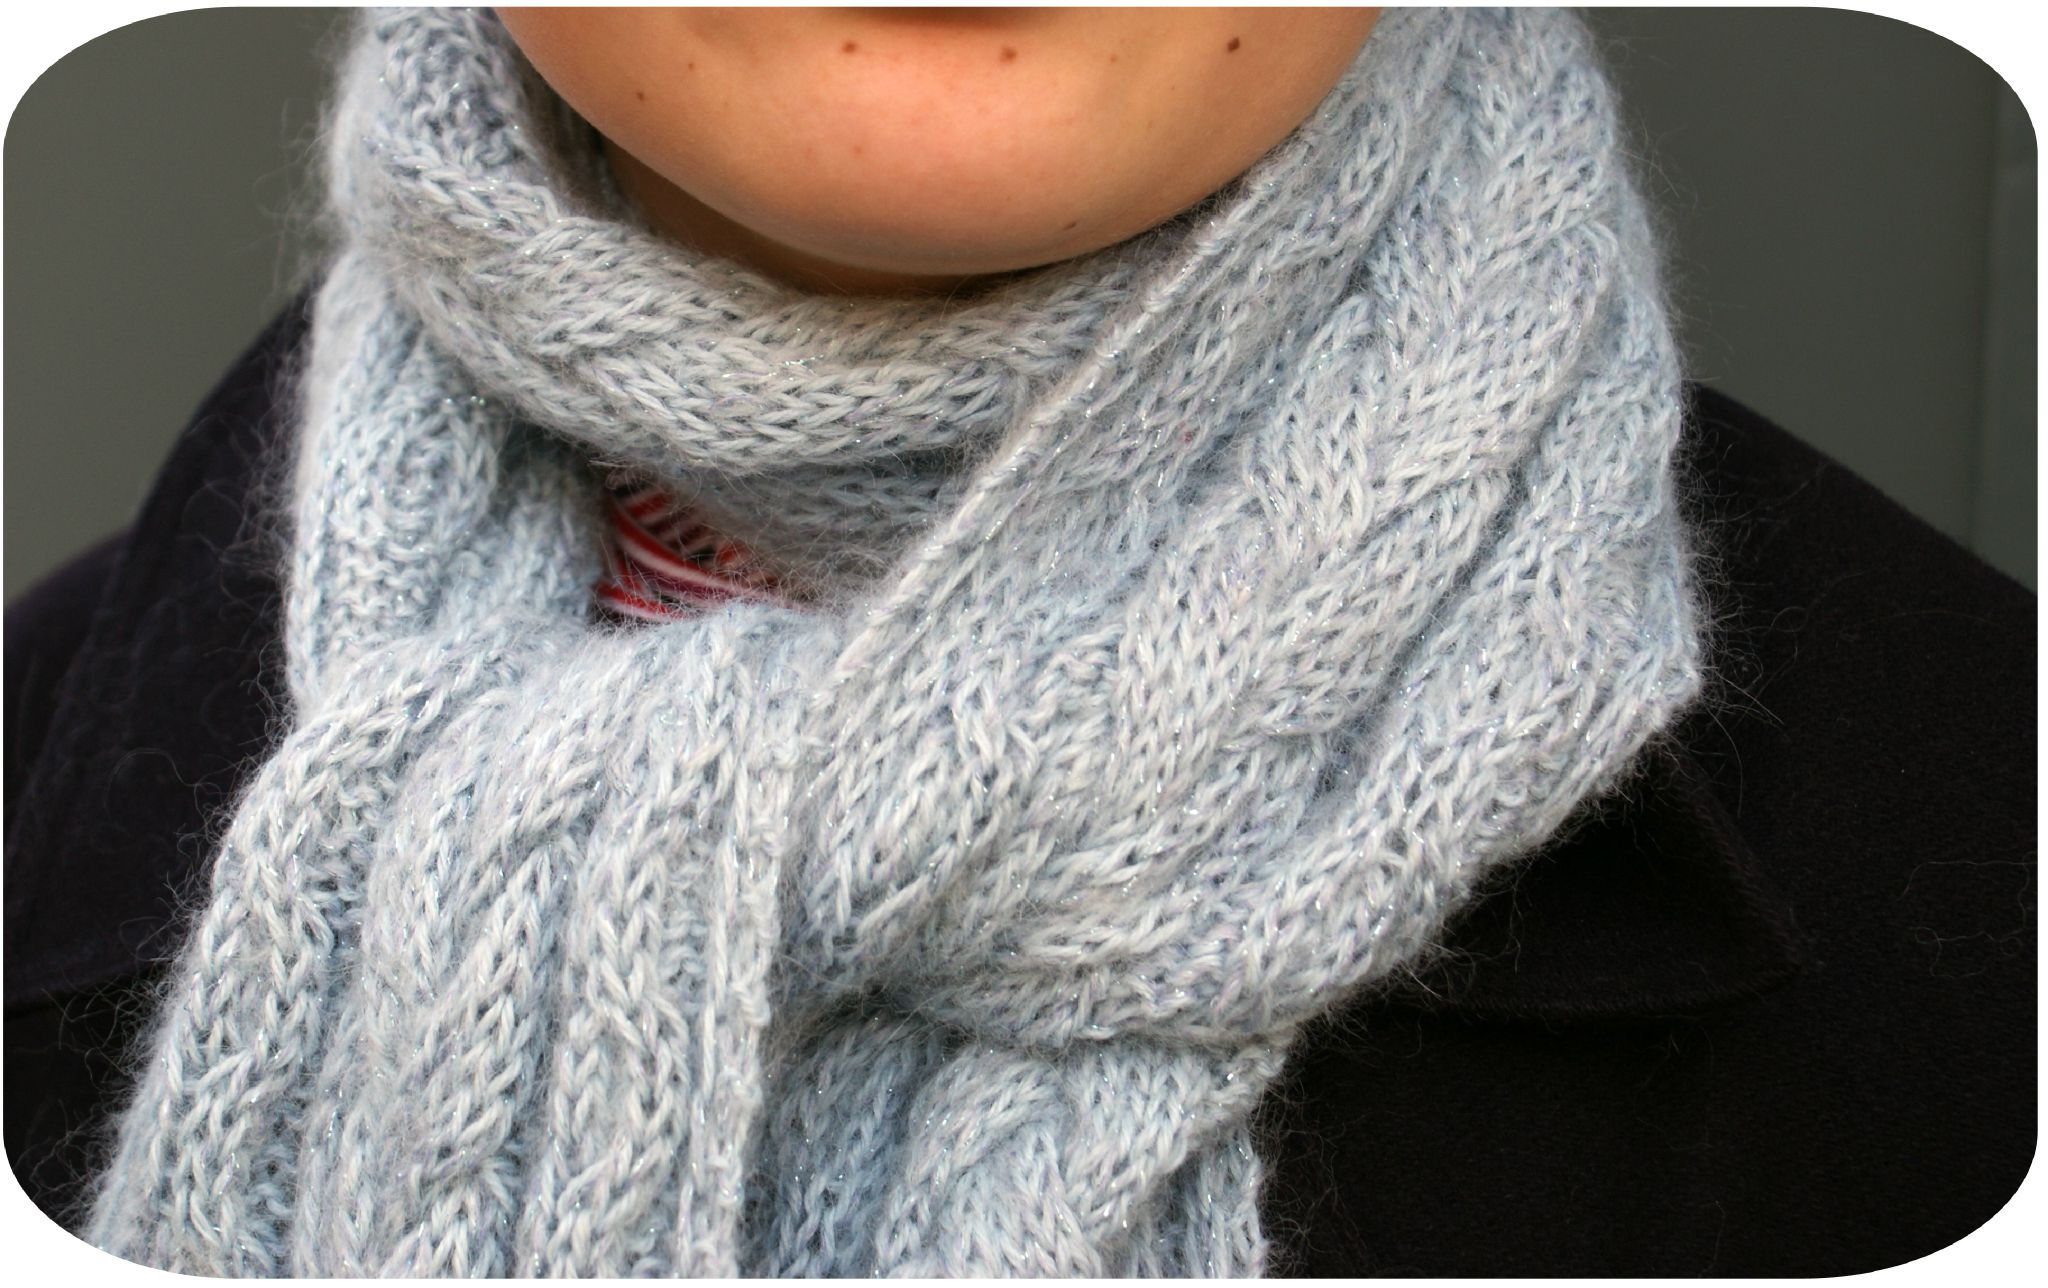 baadfe9363bc Modele echarpe tricot dentelle gratuit. Apprendre a tricoter une echarpe